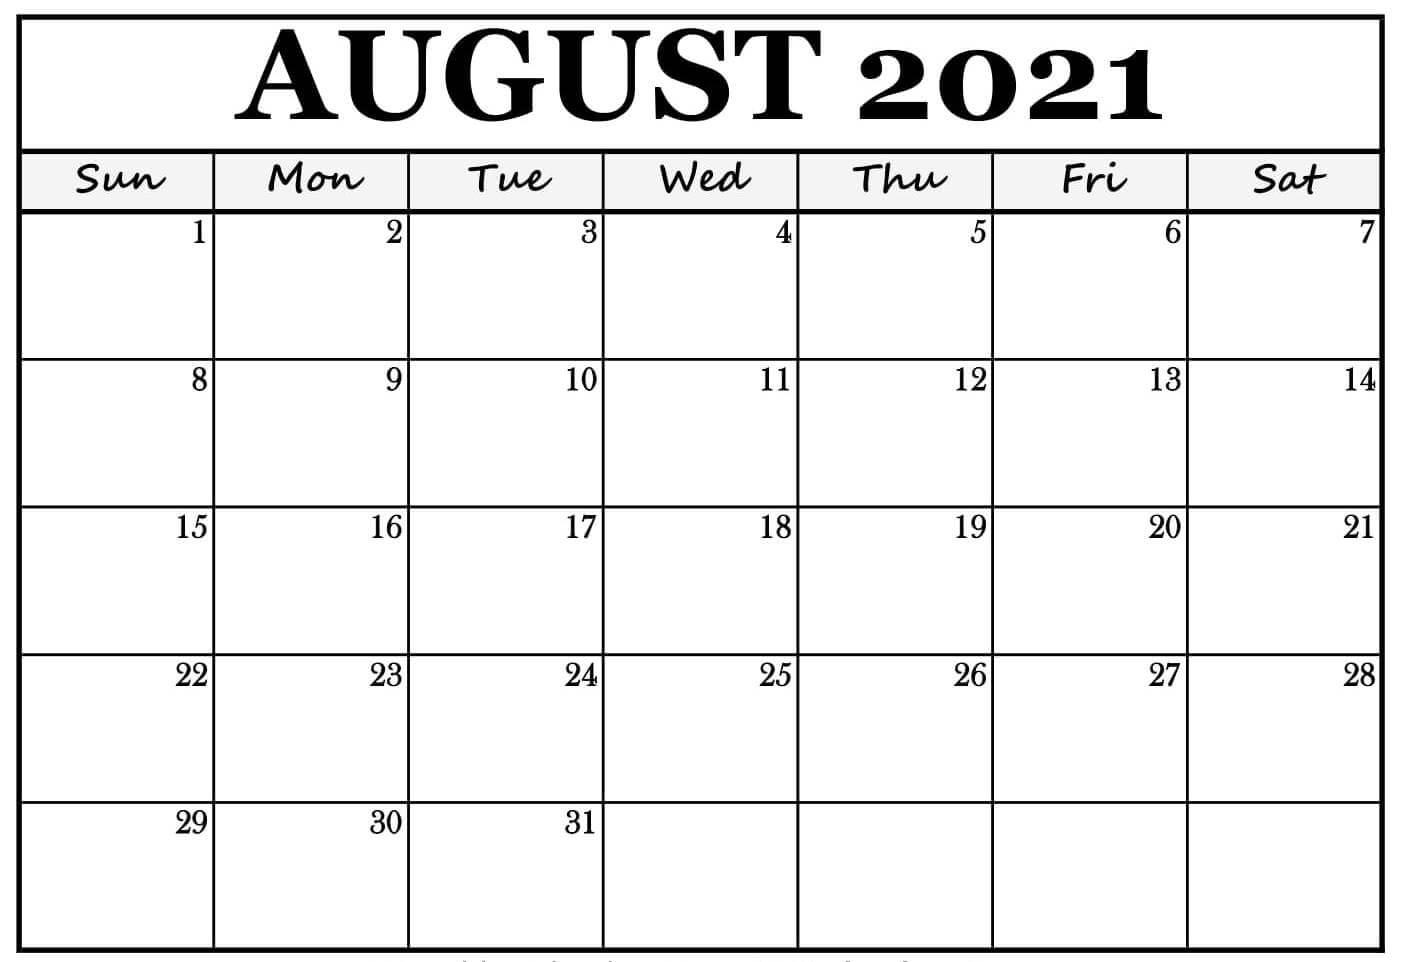 August Calendar 2021 Blank Template